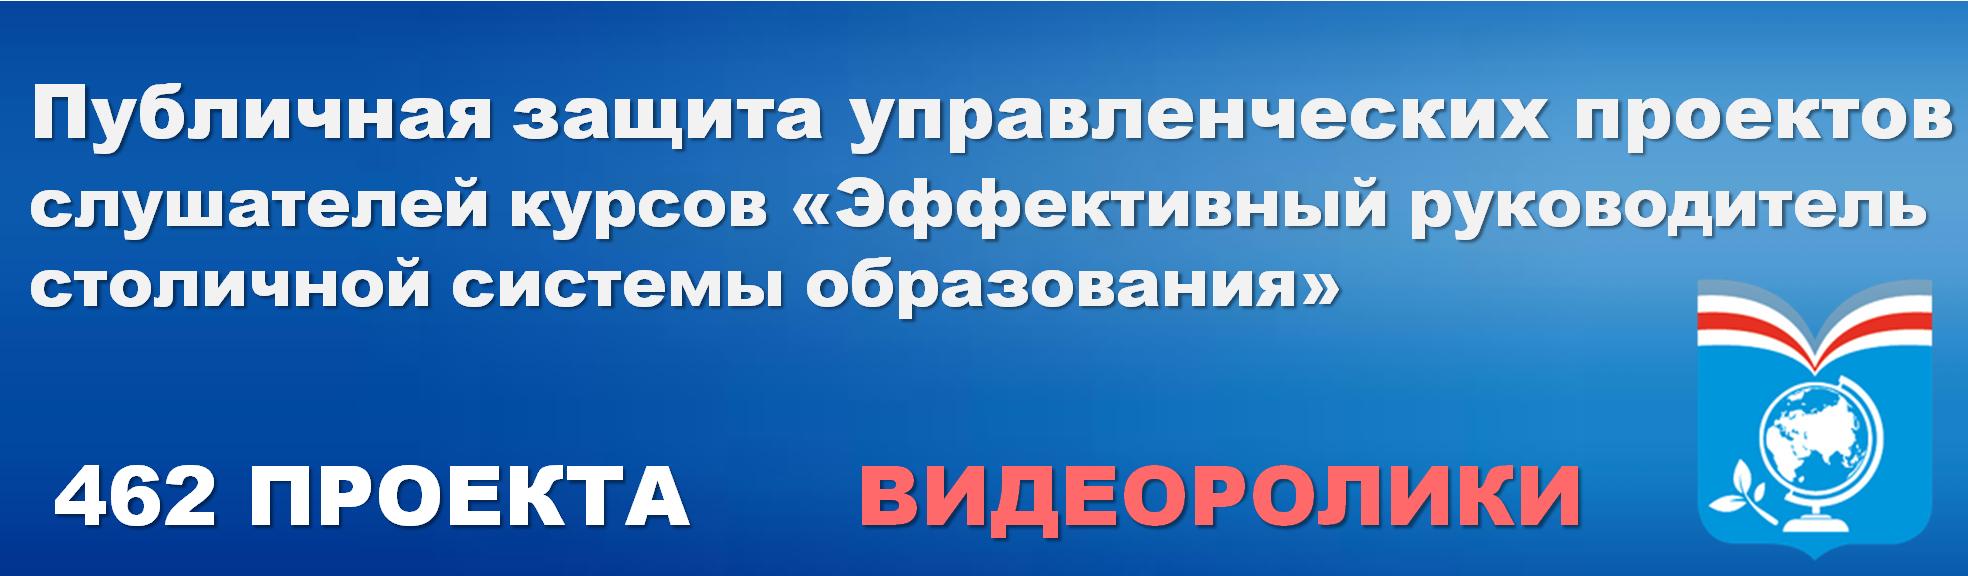 Публичная защита управленческих проектов московских директоров